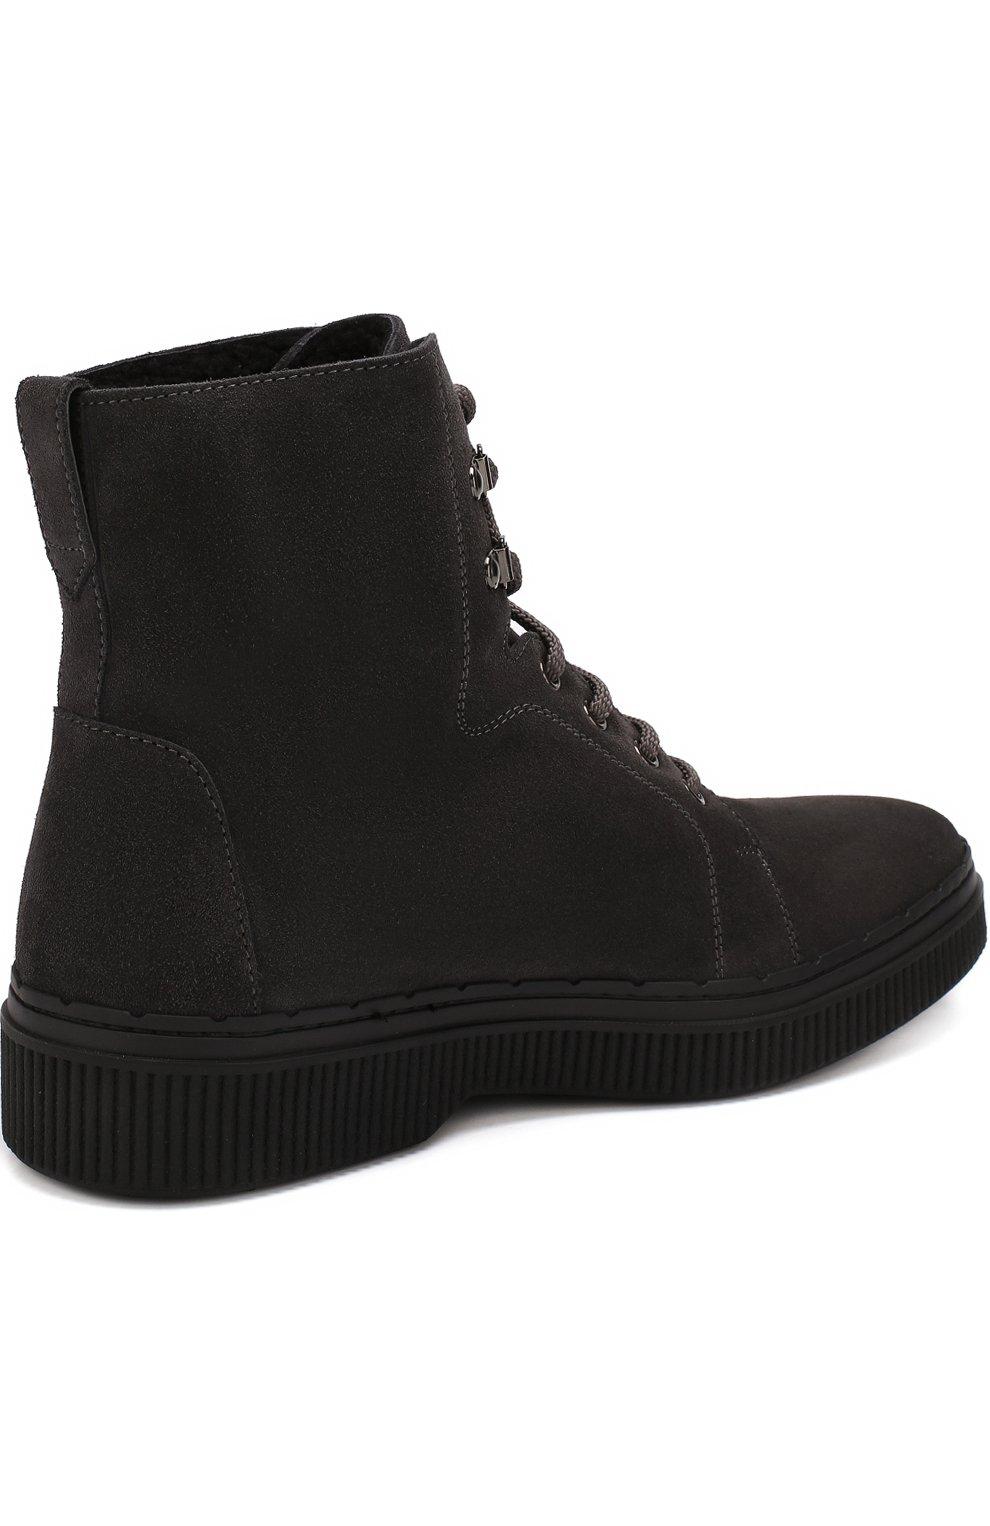 Кожаные высокие ботинки на шнуровке с внутренней меховой отделкой | Фото №4